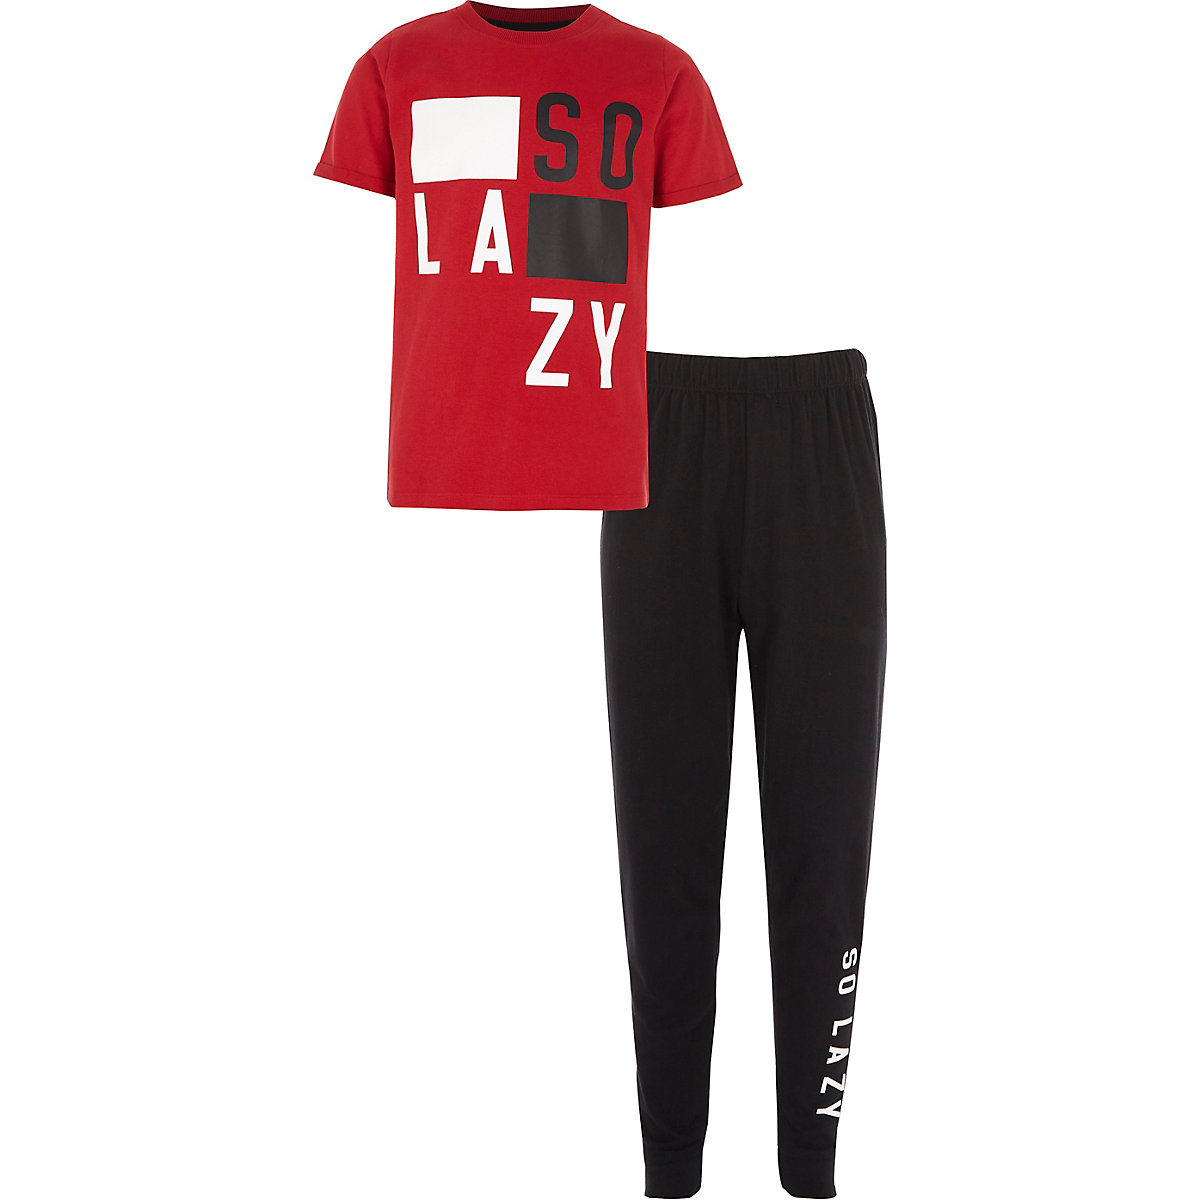 Ensemble de pyjama «so lazy» rouge pour garçon